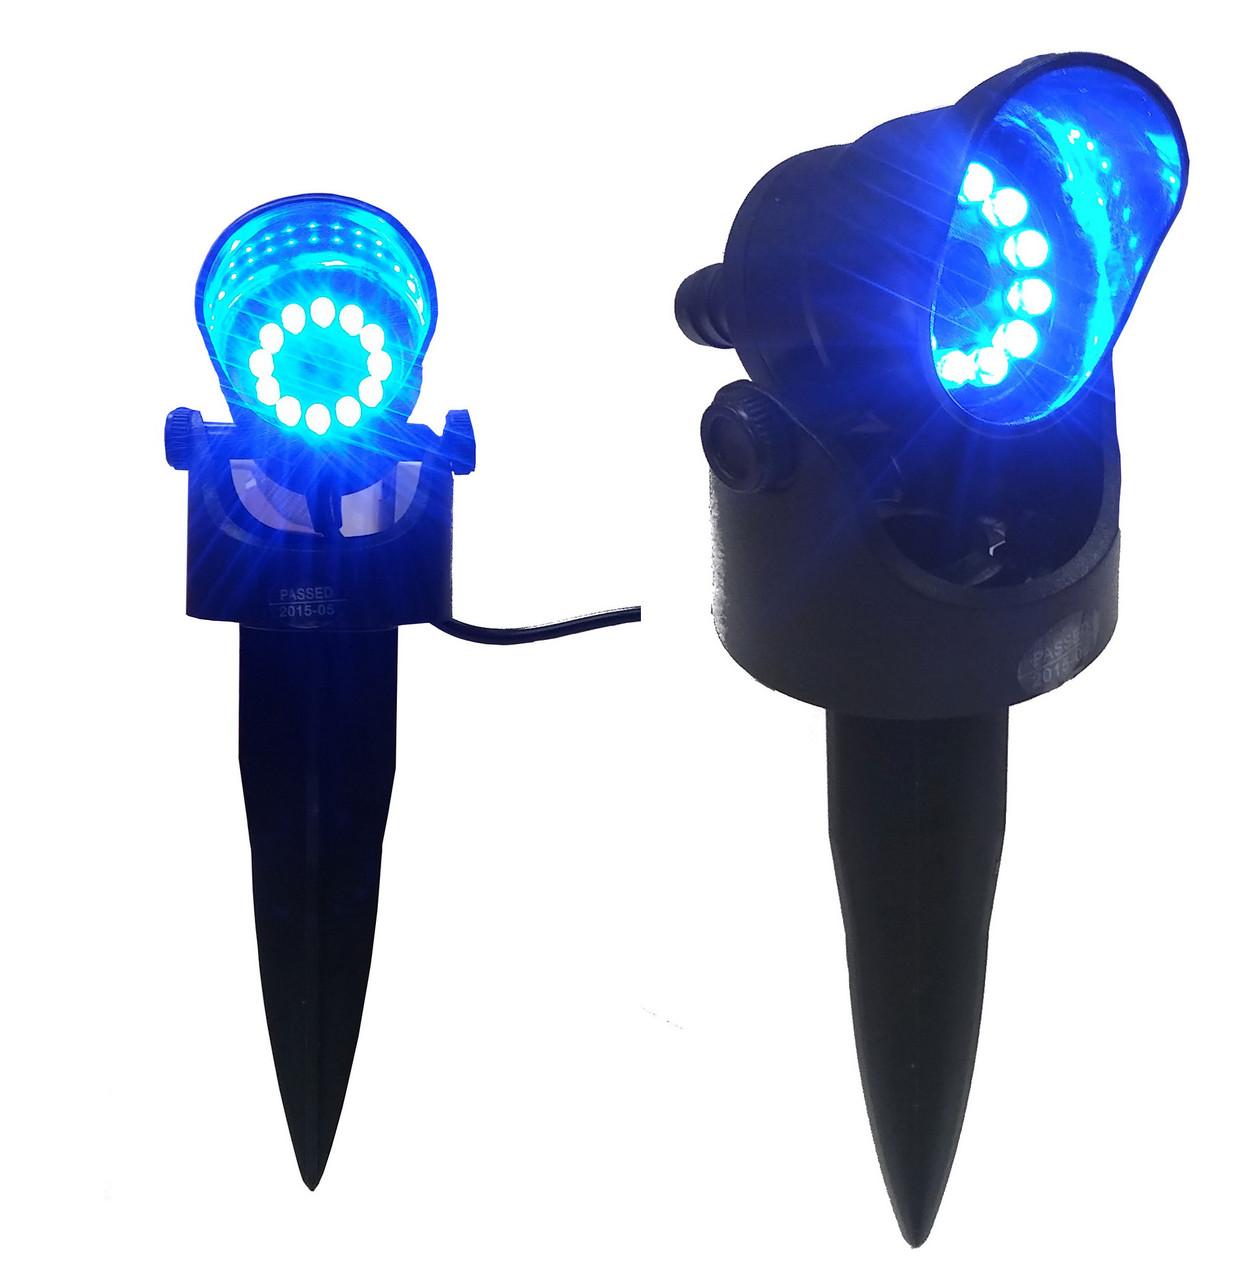 Підсвічування для фонтану AquaFall QL41C 1W LED (RGB) різнокольорова